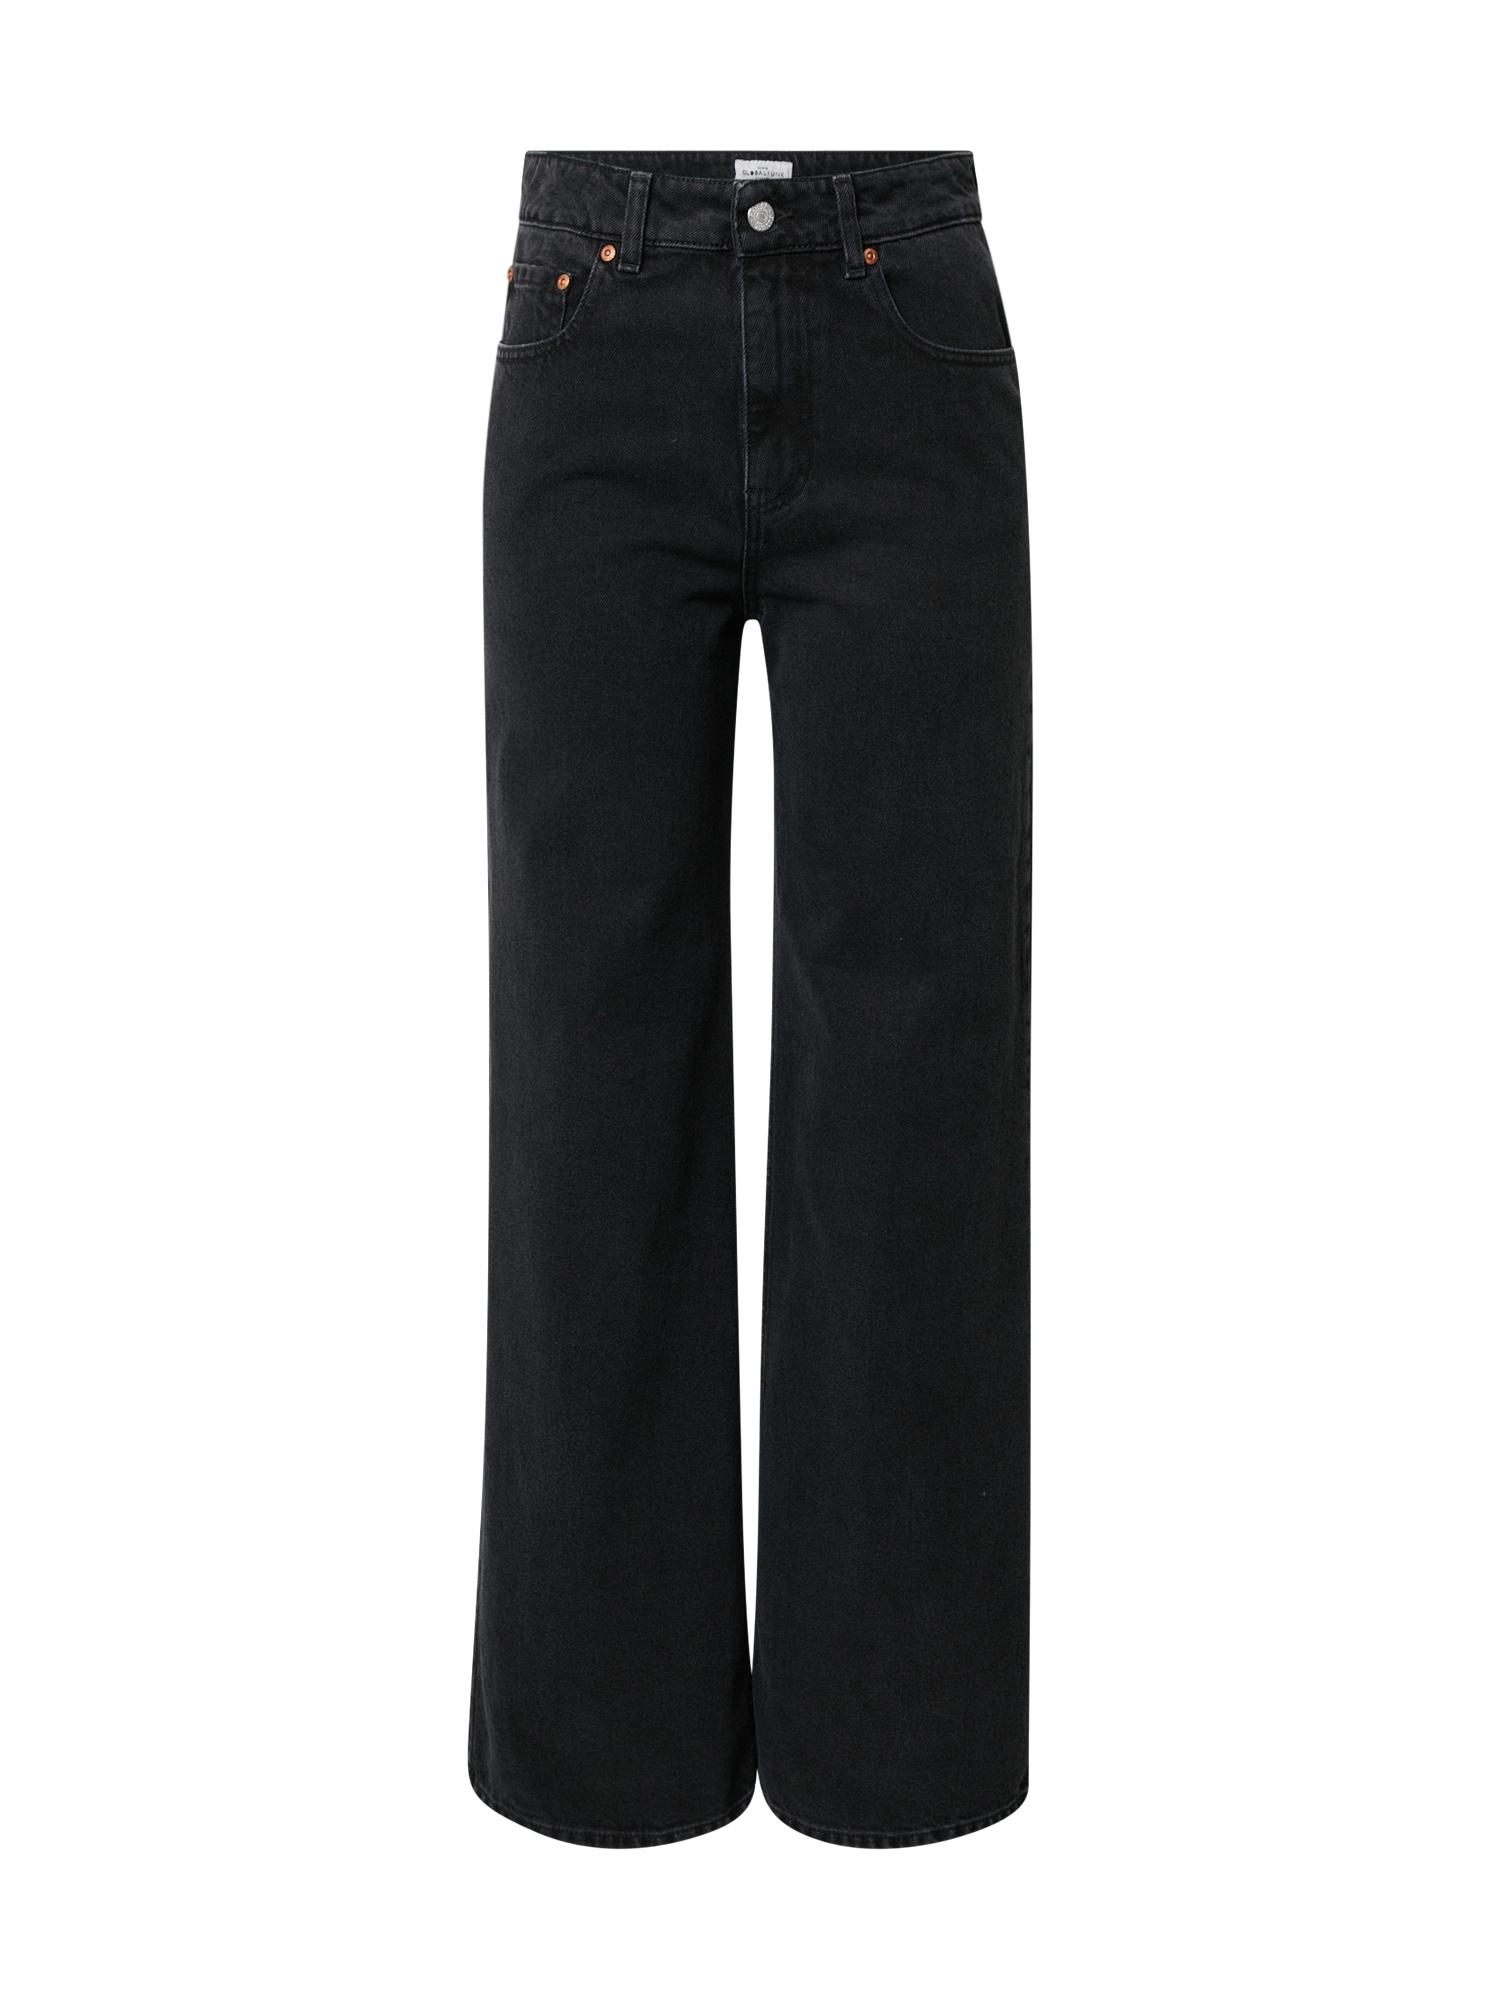 Global Funk Džinsai juodo džinso spalva